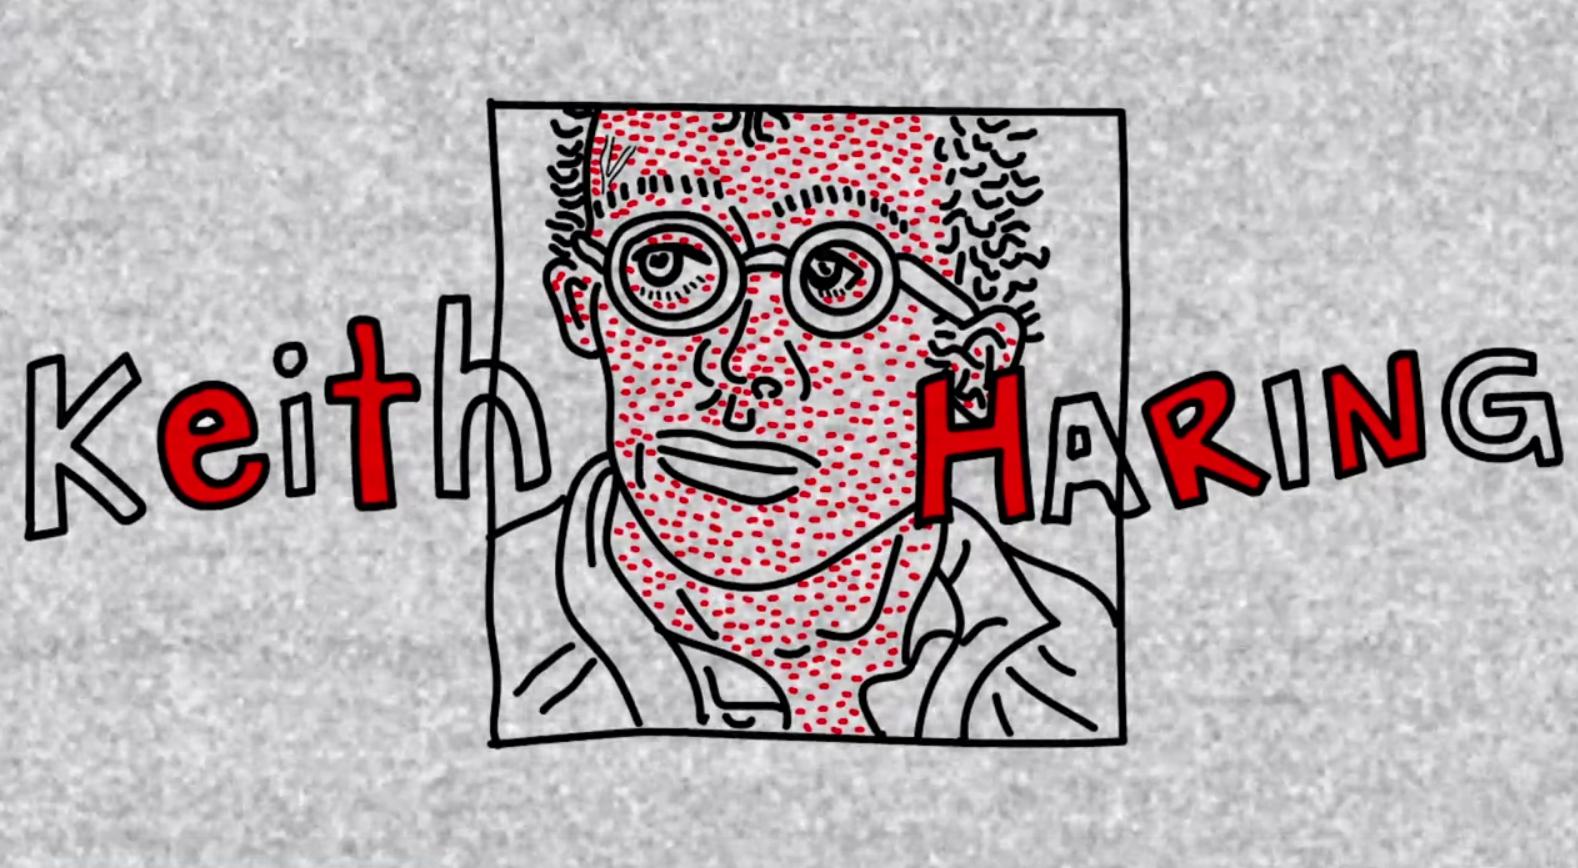 Keith Haring, portrait simplié dans un cadre entouré de son nom